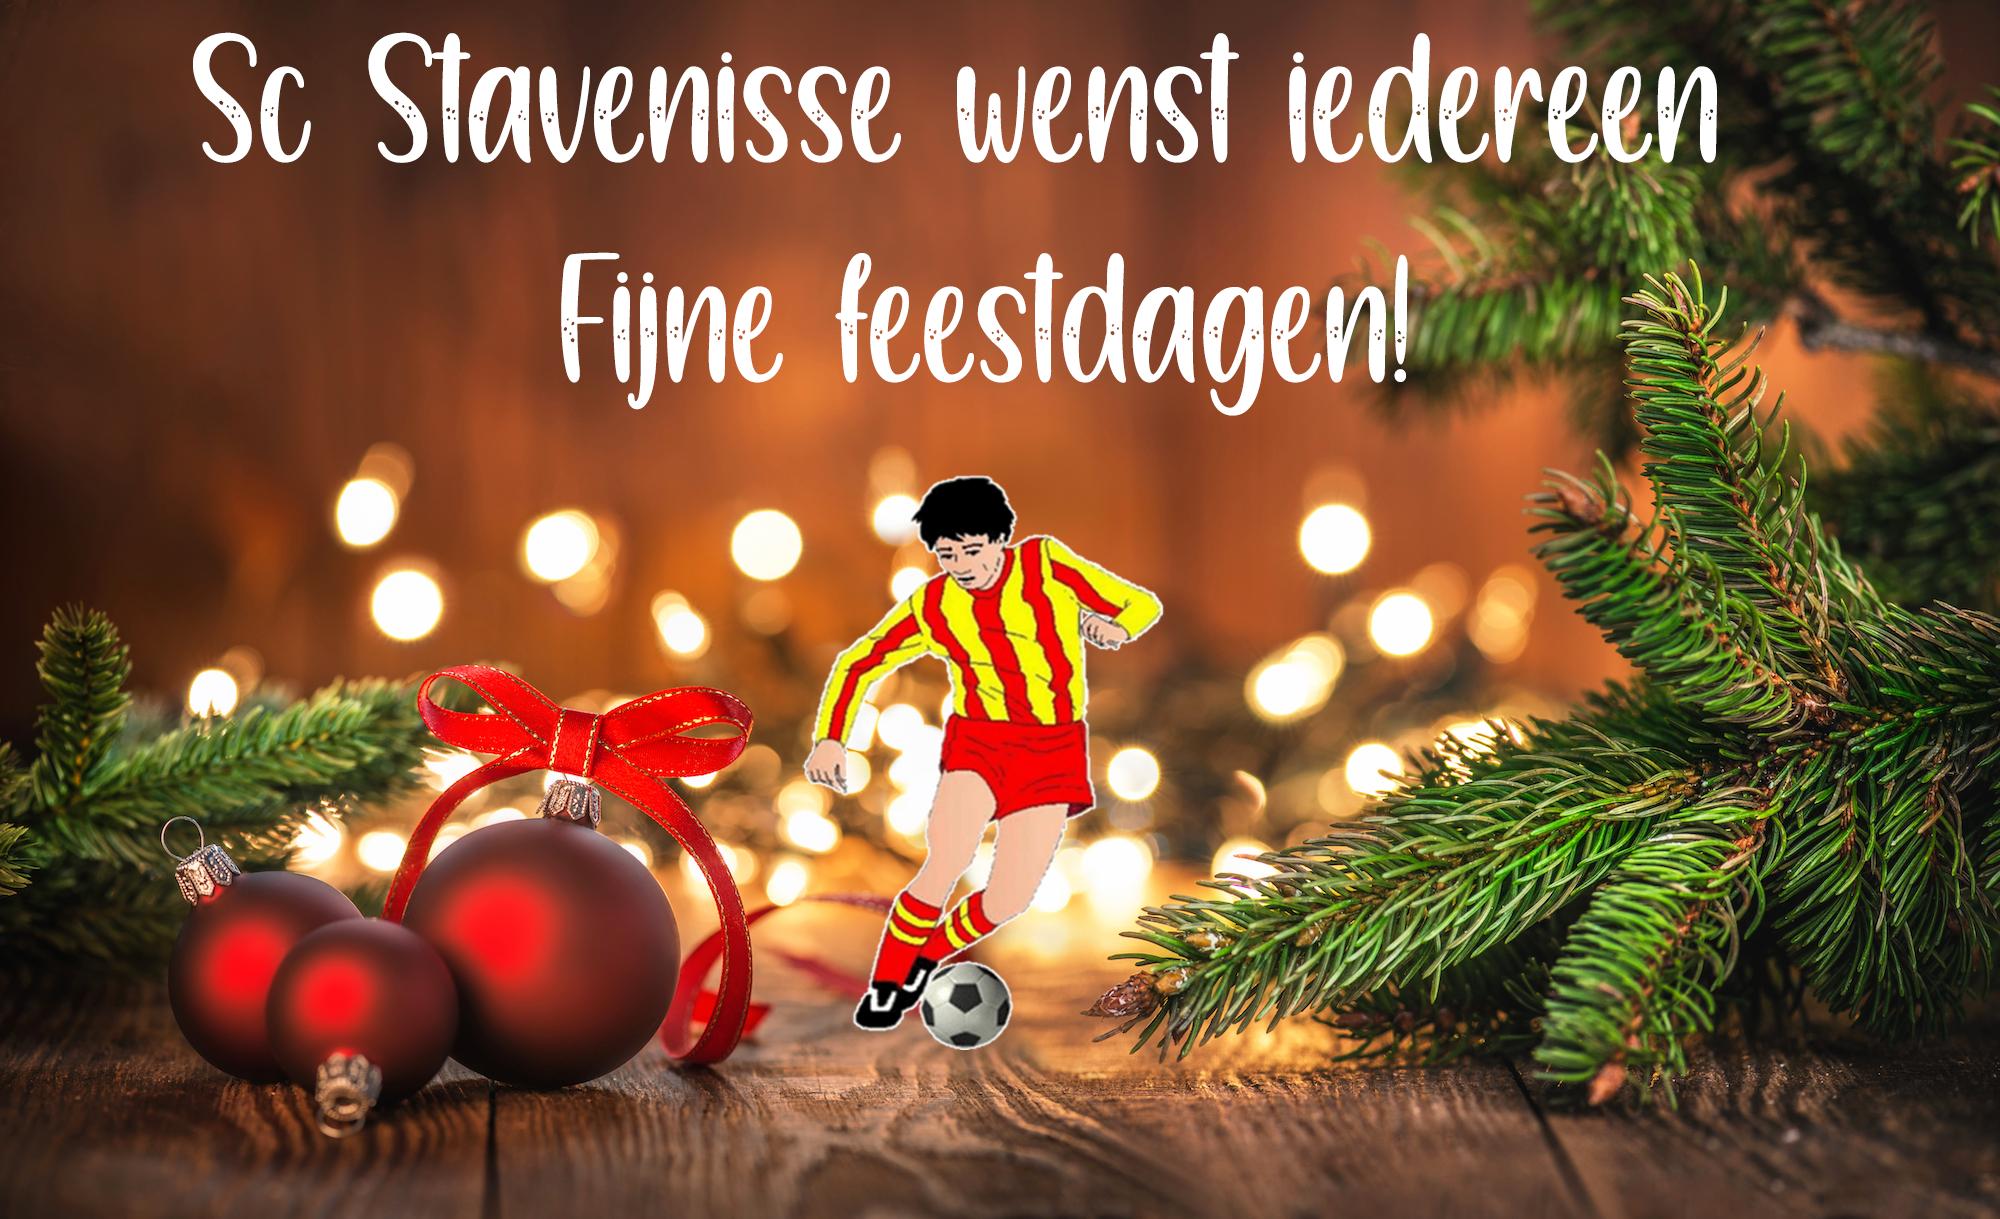 Fijne feestdagen en een gezond en sportief 2021!